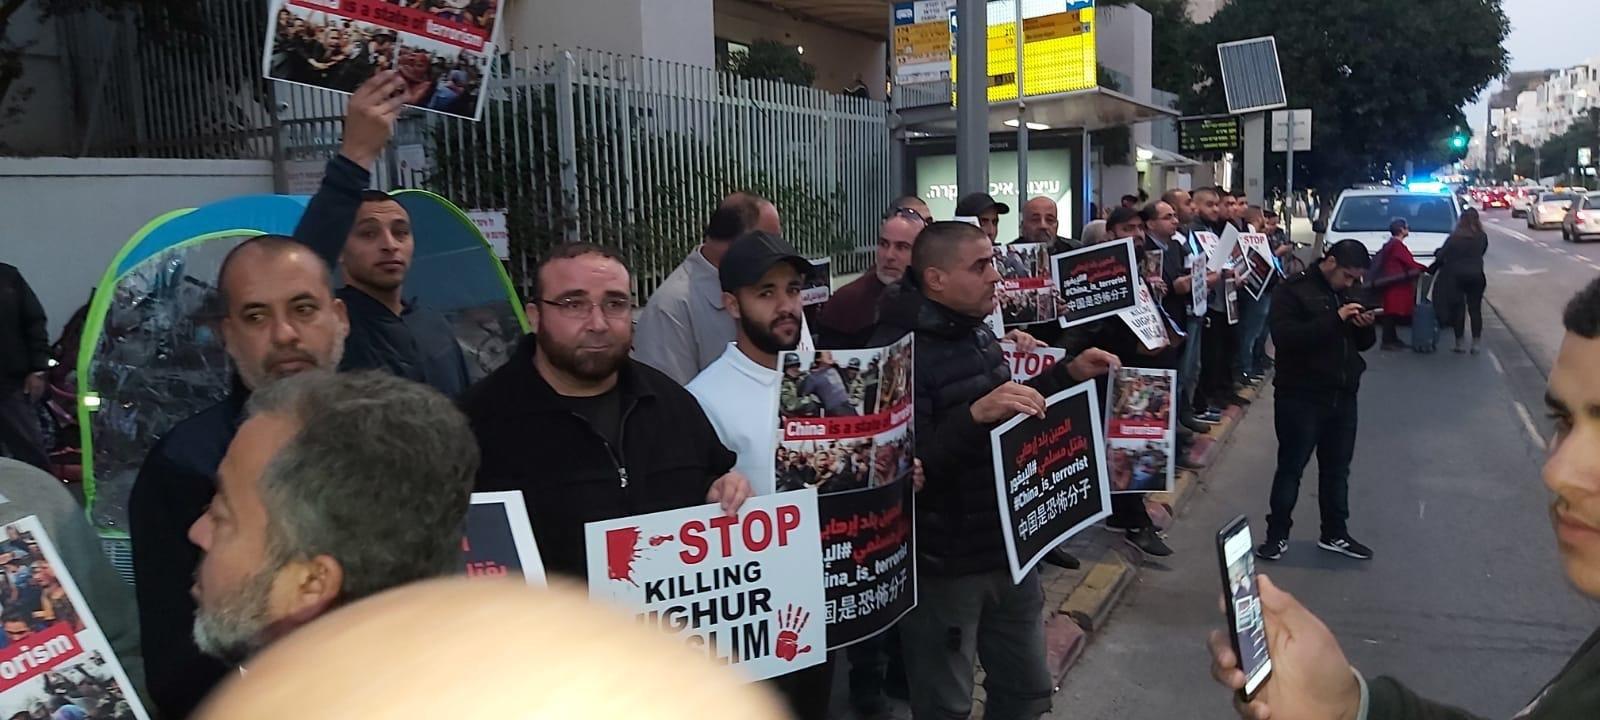 تضامنا مع مسلمي الإيغور الحركة الإسلامية تنظم وقفة إحتجاجية حاشدة أمام السفارة الصينية